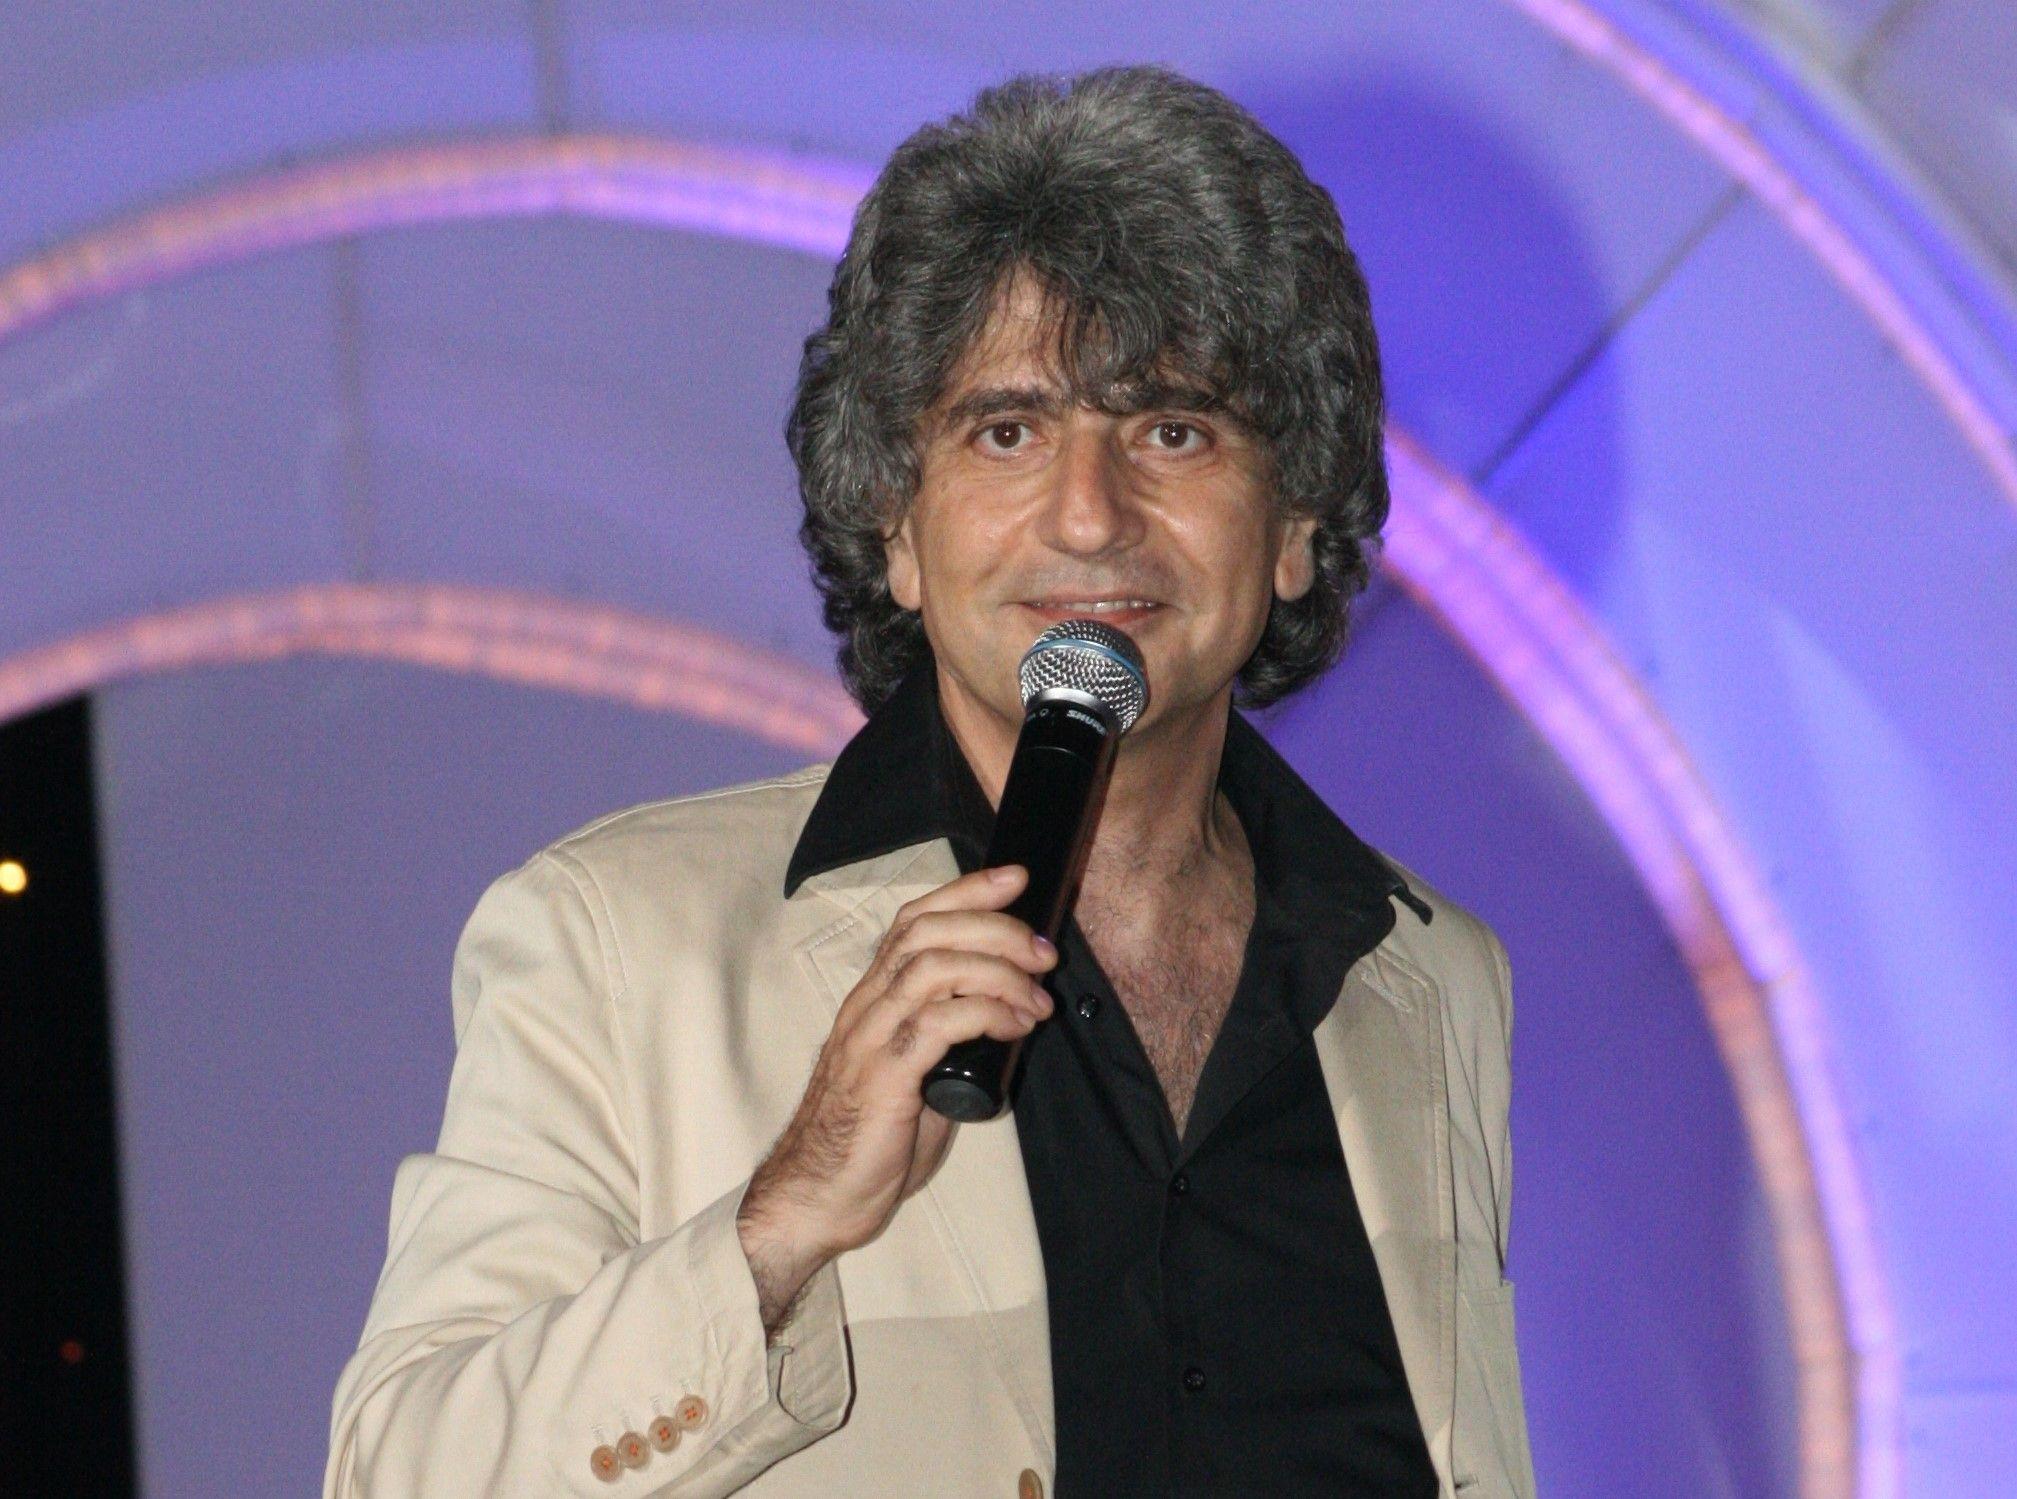 Симон Осиашвили: Моим первым слушателем и критиком был кот Кука